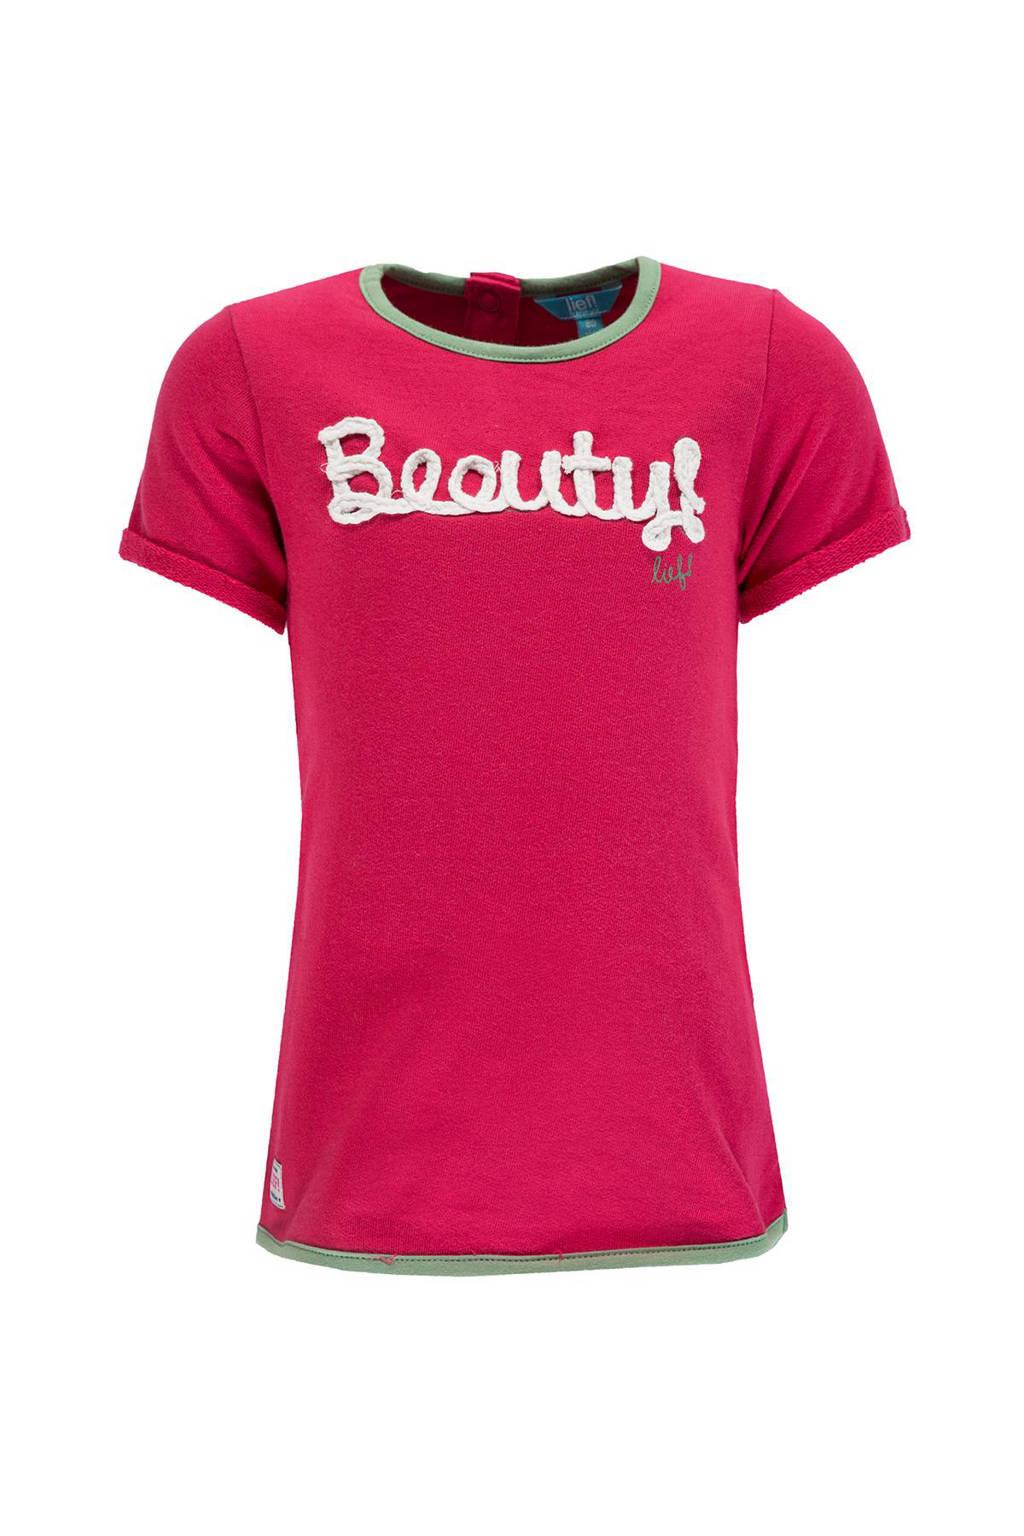 lief! sweatjurk met tekst roze, Roze/wit/groen